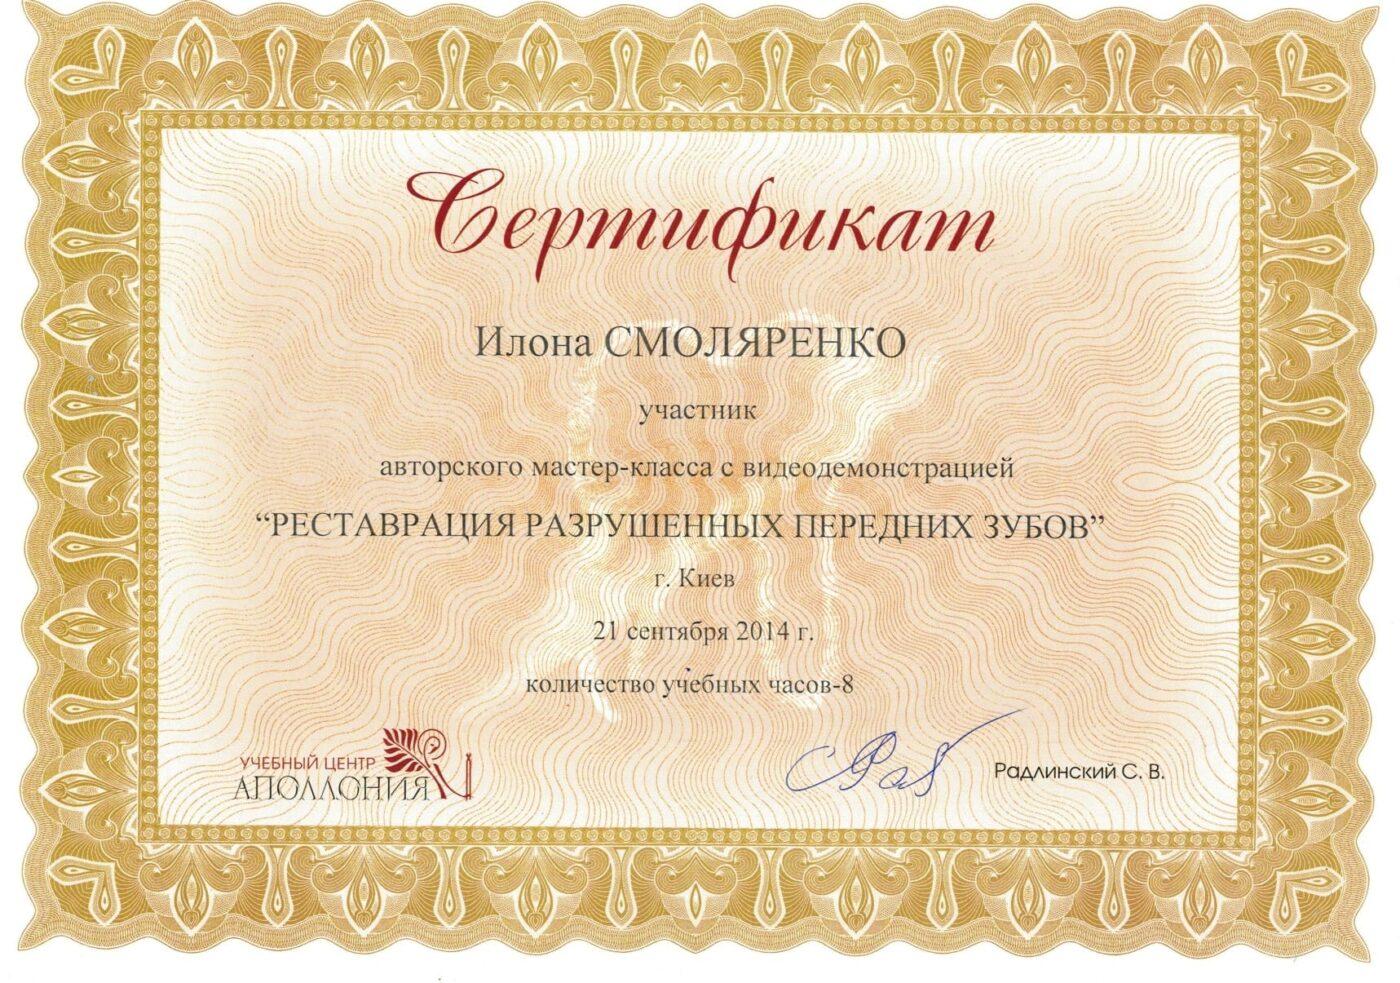 Сертификат подтверждающий участие Илоны Смоляренко в курсе - Реставрация повреждённых передних зубов